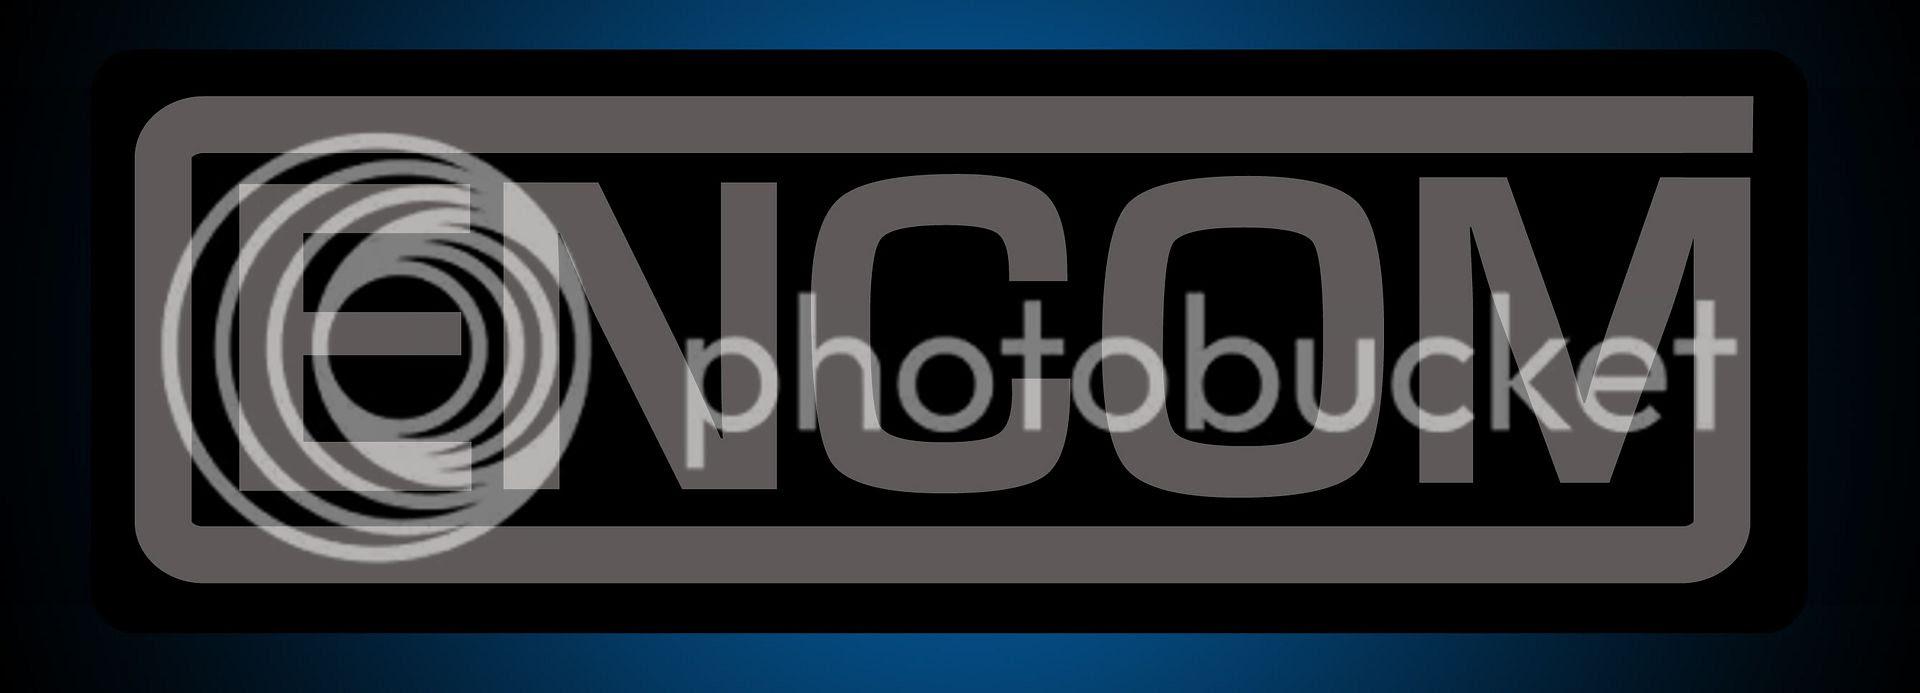 tron encom company logo